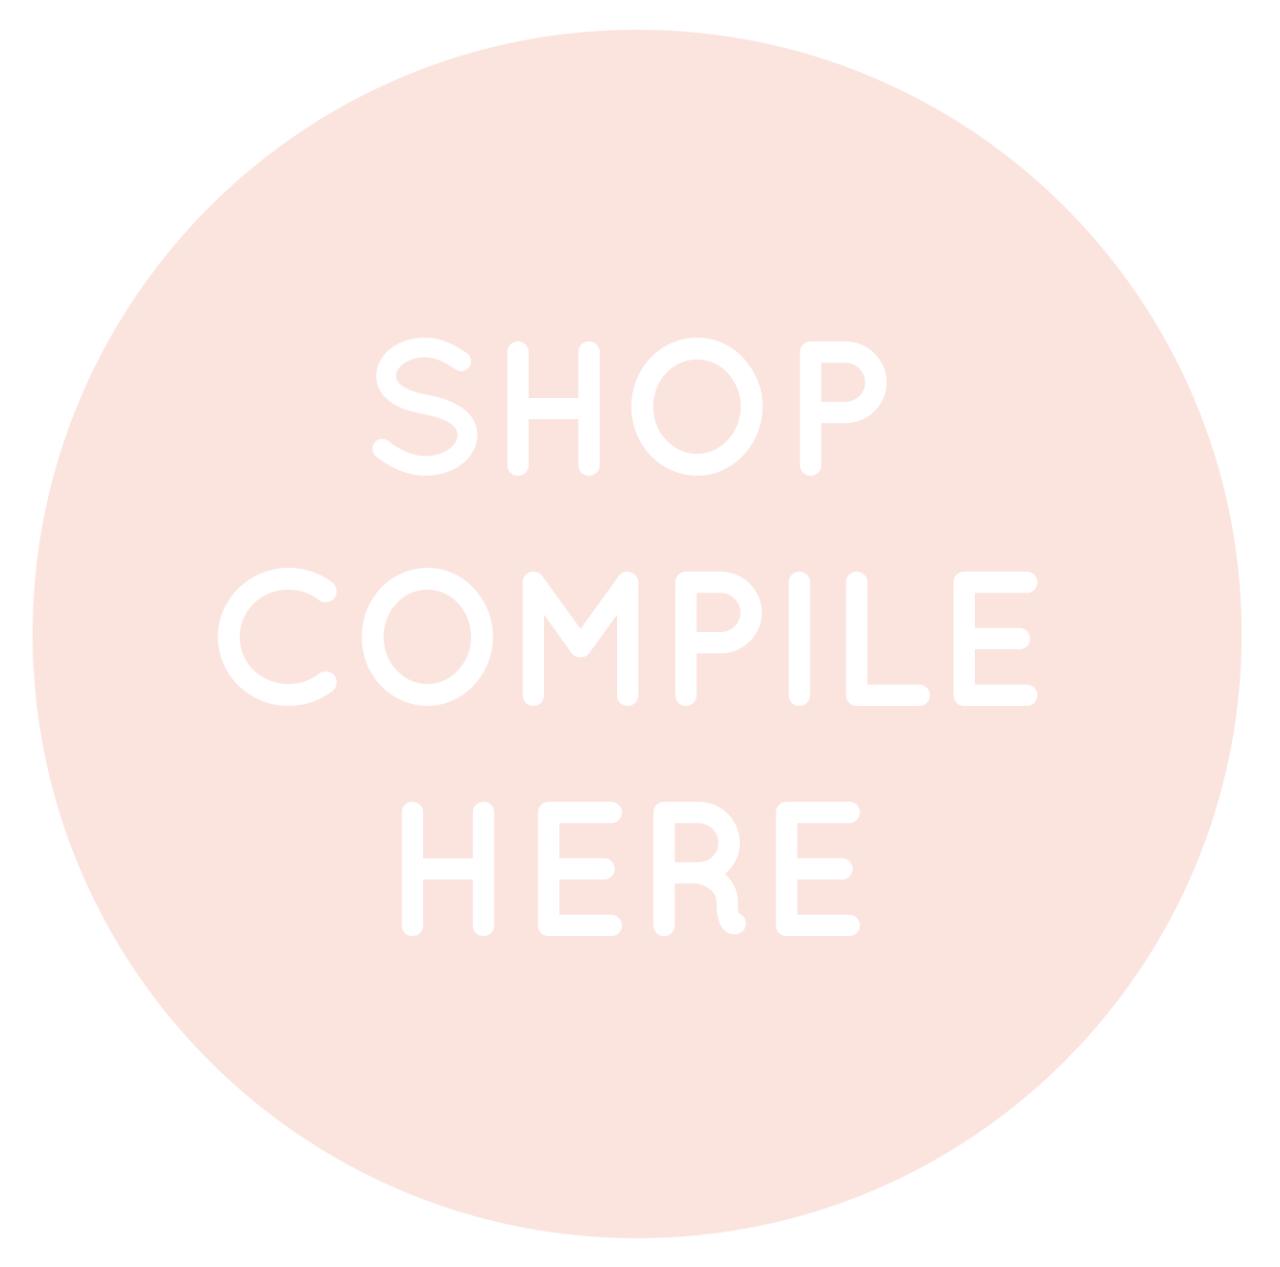 ShopknopCOMPILE02